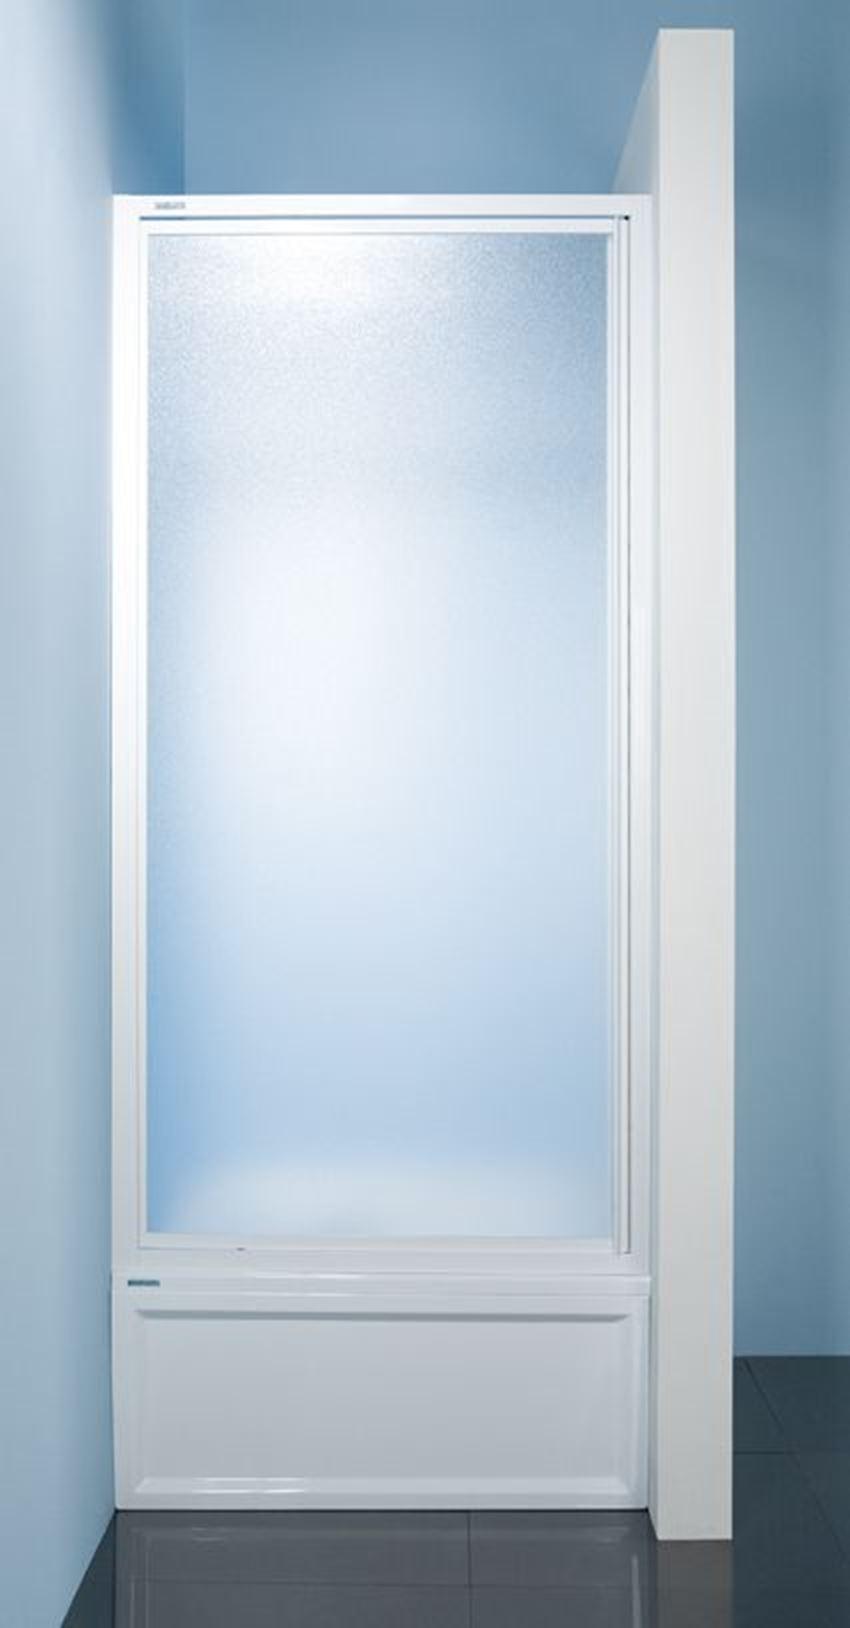 Drzwi skrzydłowe 900-100x185 cm Sanplast Classic